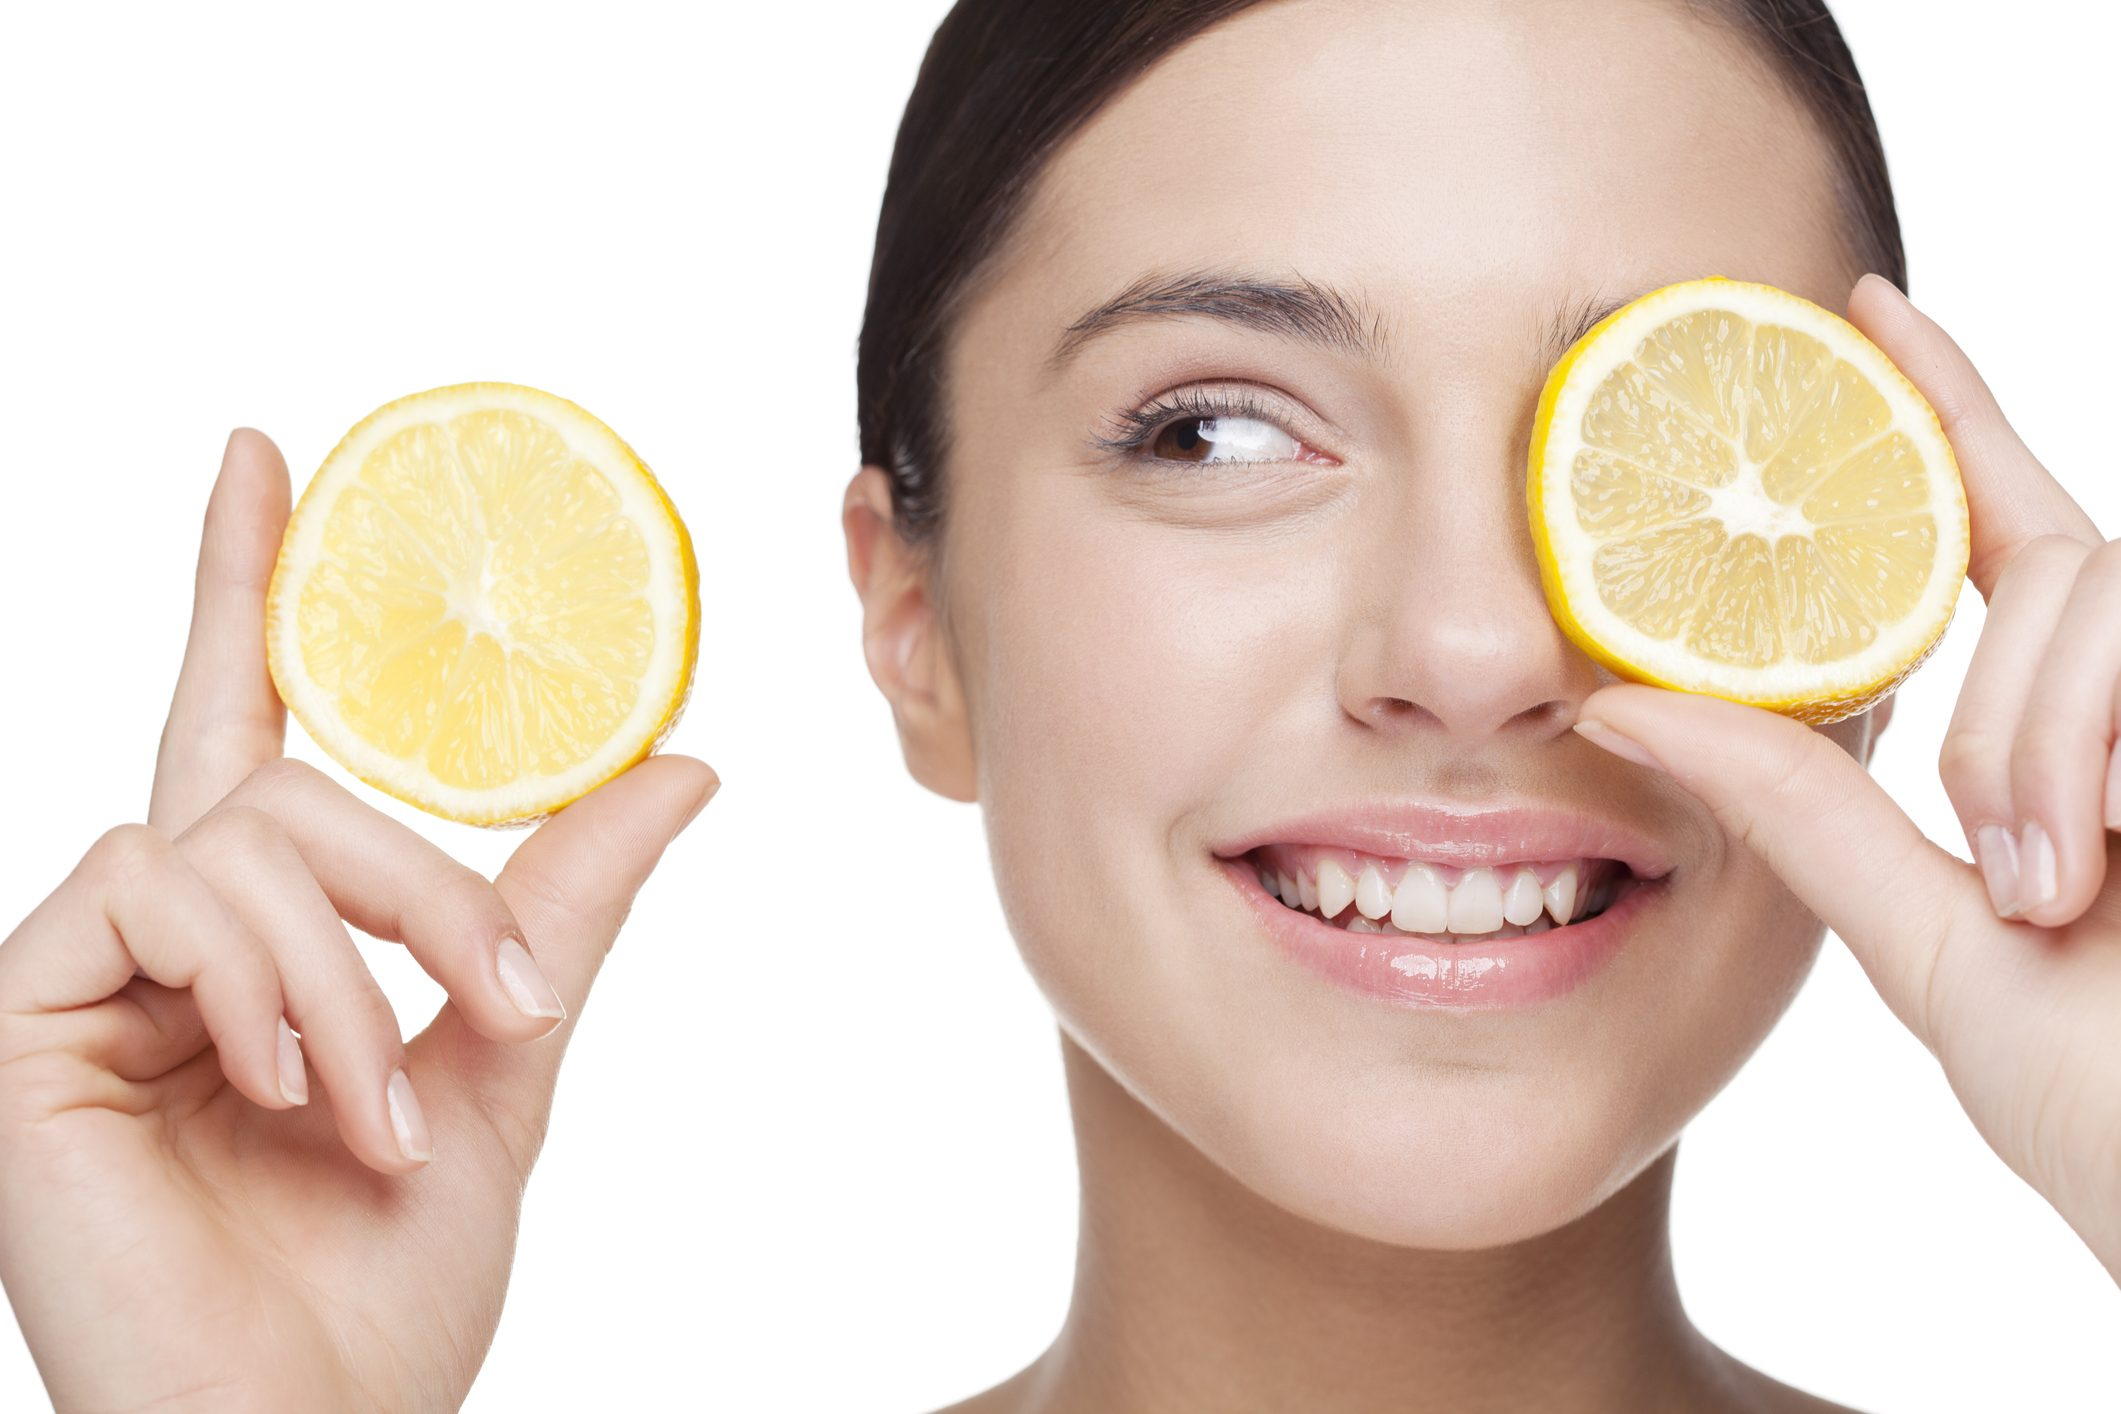 Proprietà del limone sulla pelle  come avere una cute giovane e lucente 3c7b05b12607